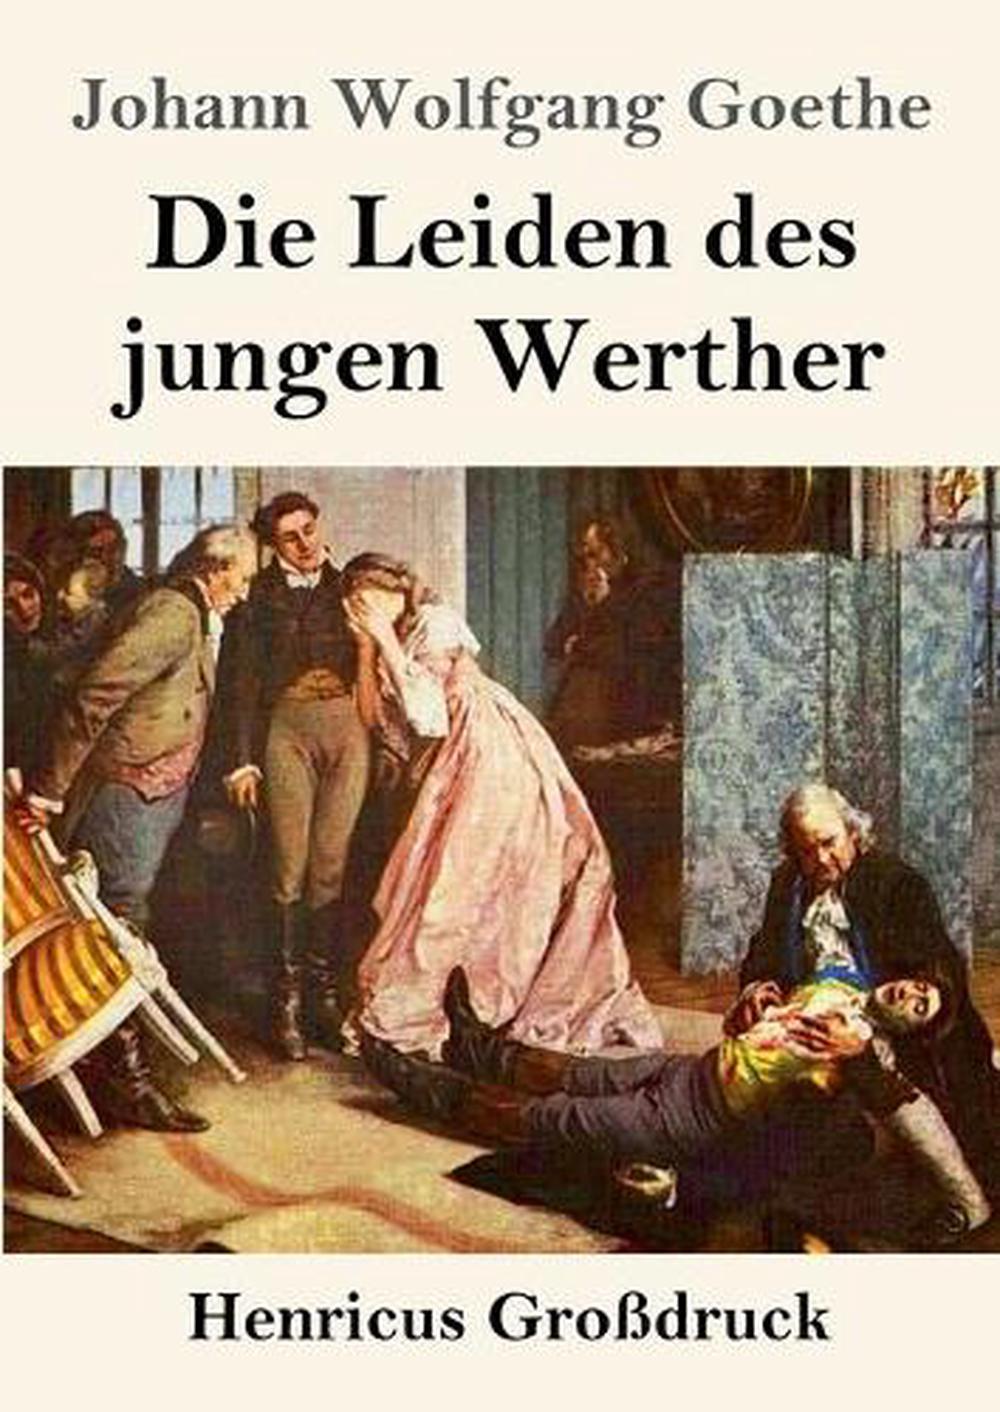 Die Leiden Des Jungen Werthers : leiden, jungen, werthers, Leiden, Jungen, Werther, (grossdruck), Johann, Wolfgang, Goethe, (German), 9783847827689